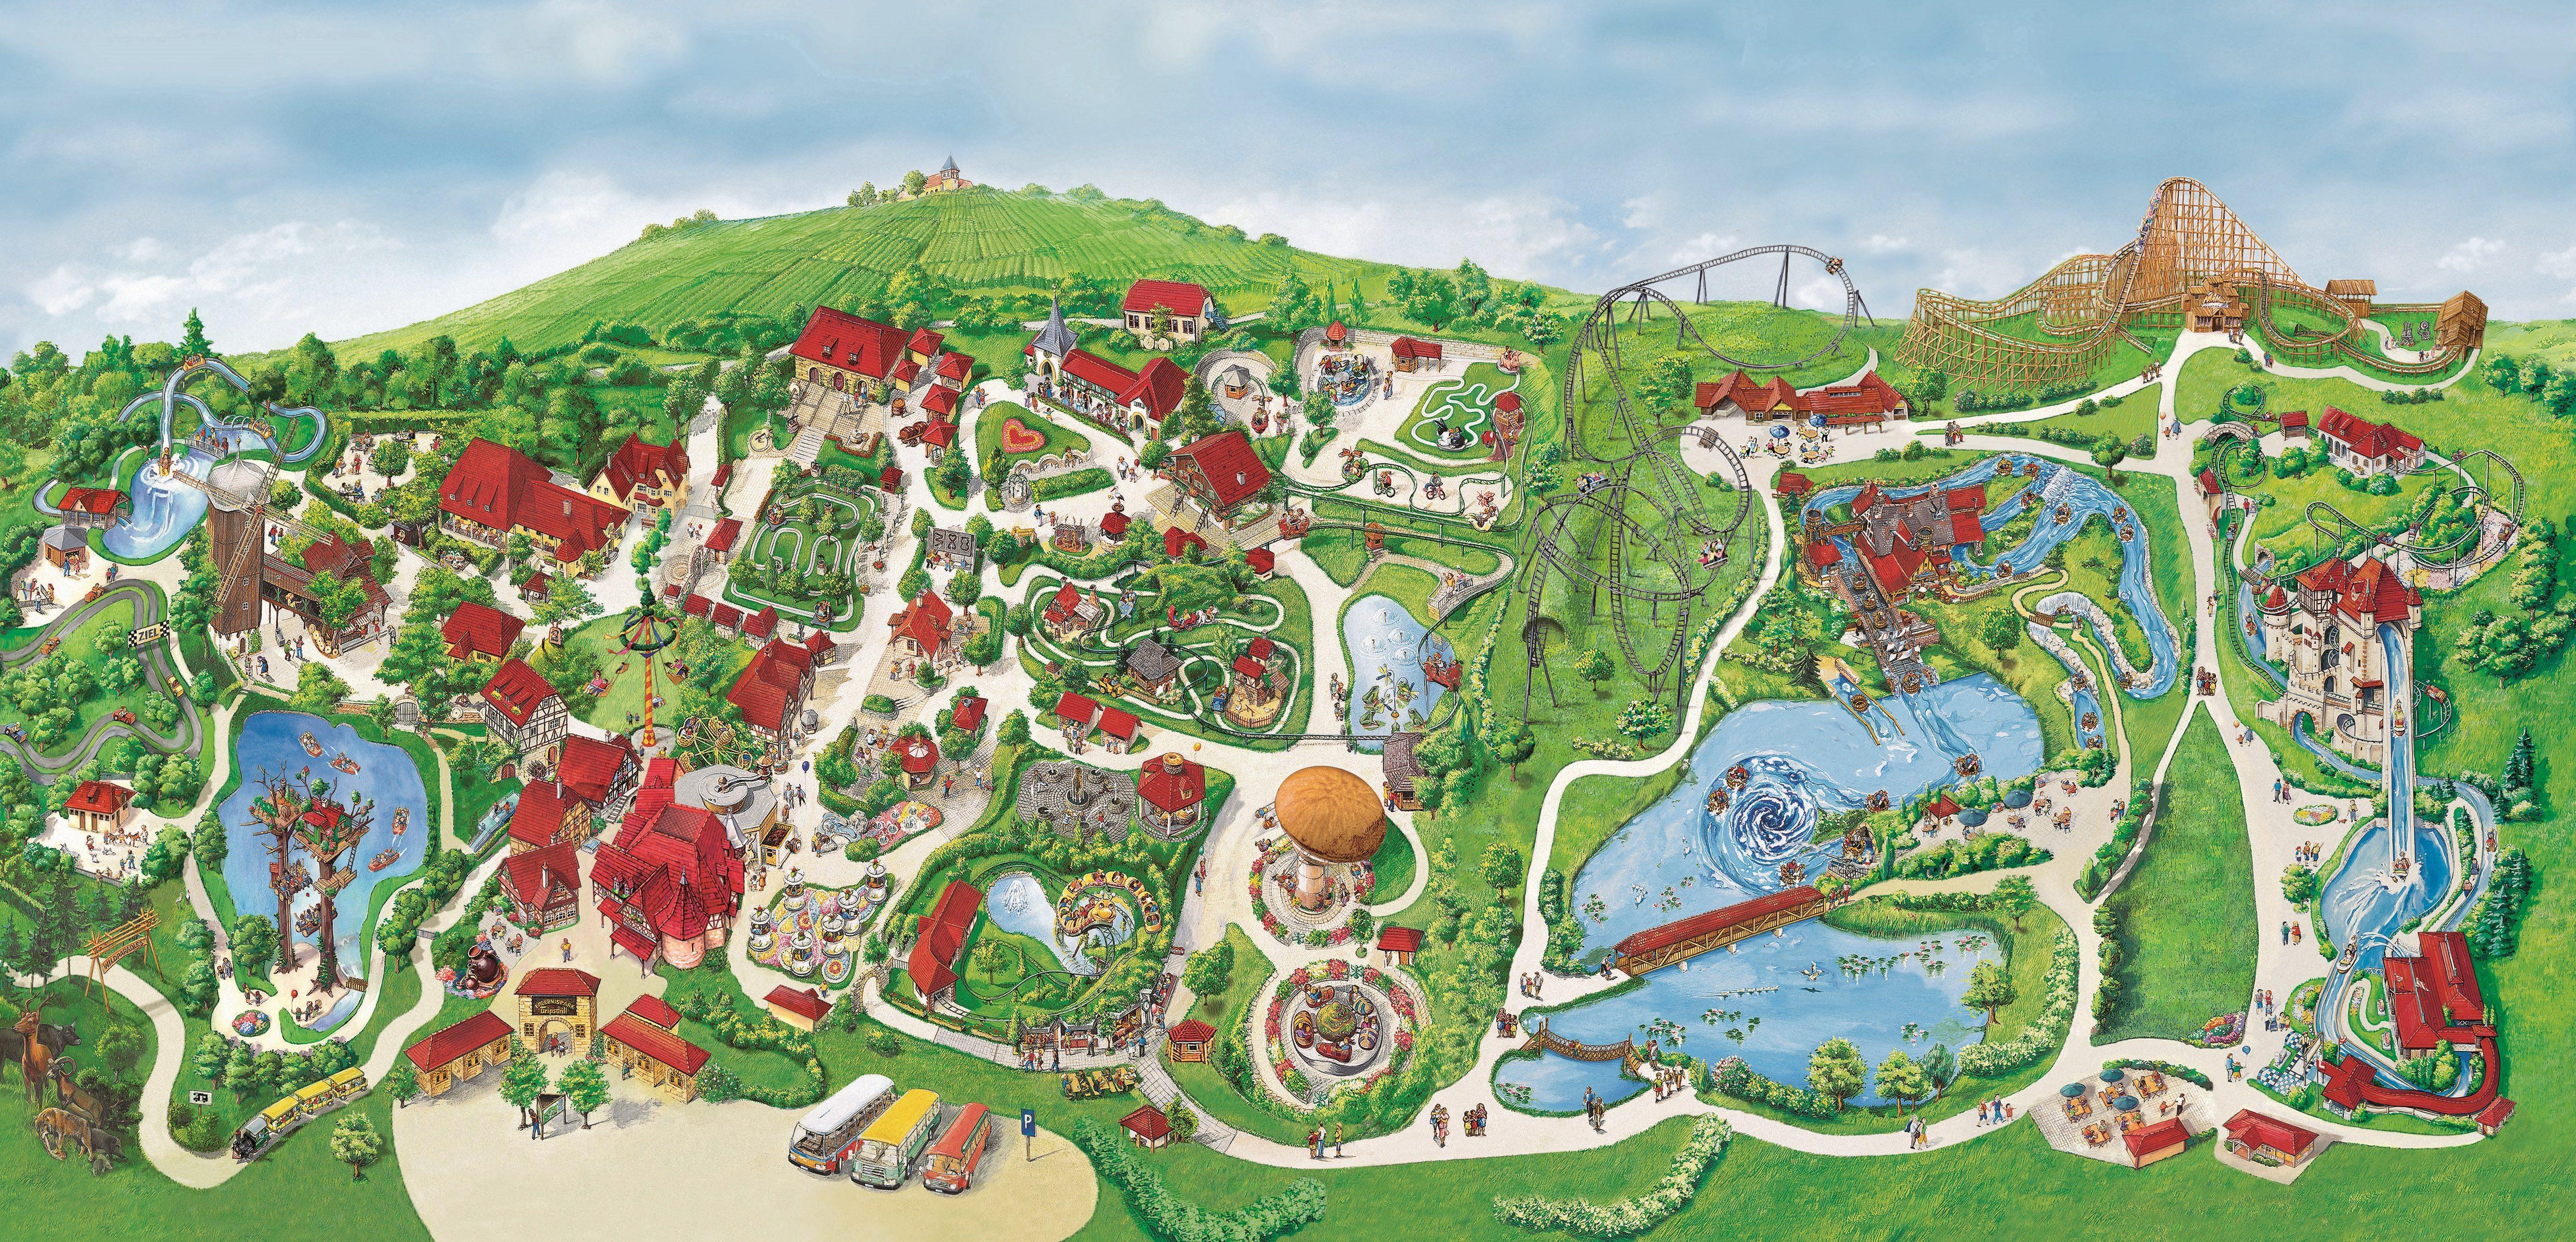 Parkplan Erlebnispark Tripsdrill